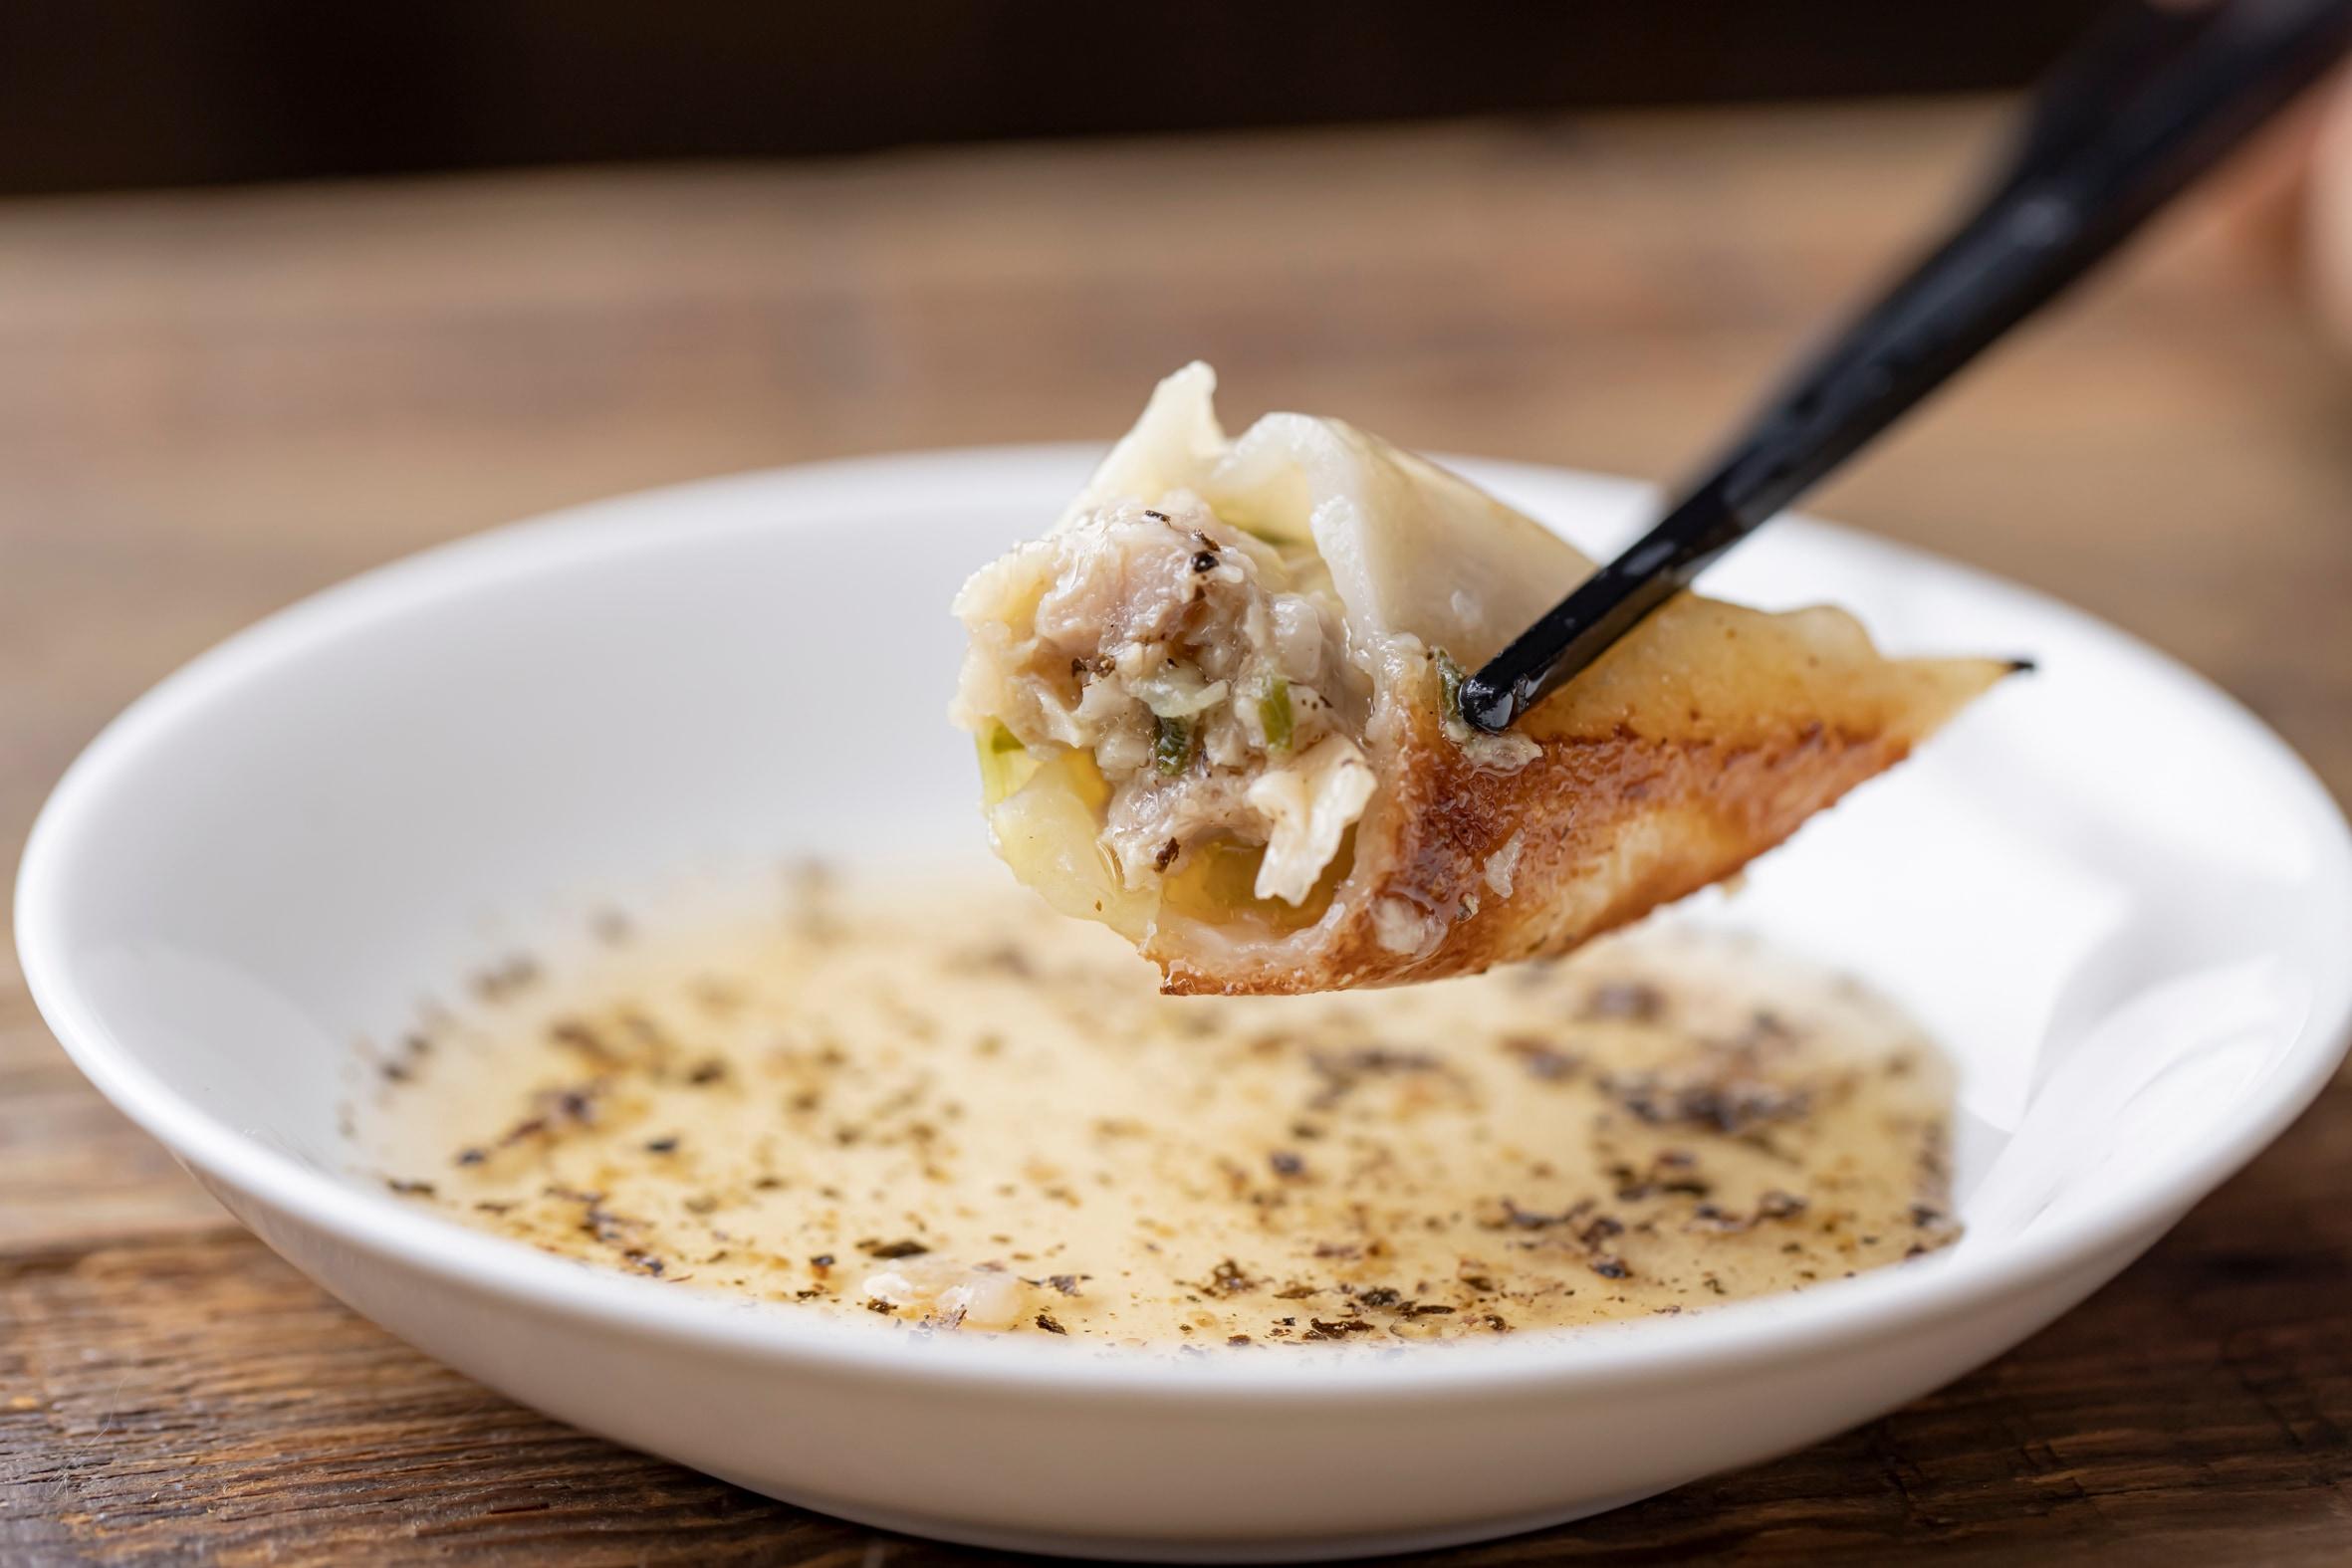 なかよし餃子エリザベス,なかよし餃子エリザベスの餃子,なかよし餃子エリザベスの豚と生姜の餃子,豚と生姜の餃子,焼餃子の断面,焼餃子を箸で持ち上げる